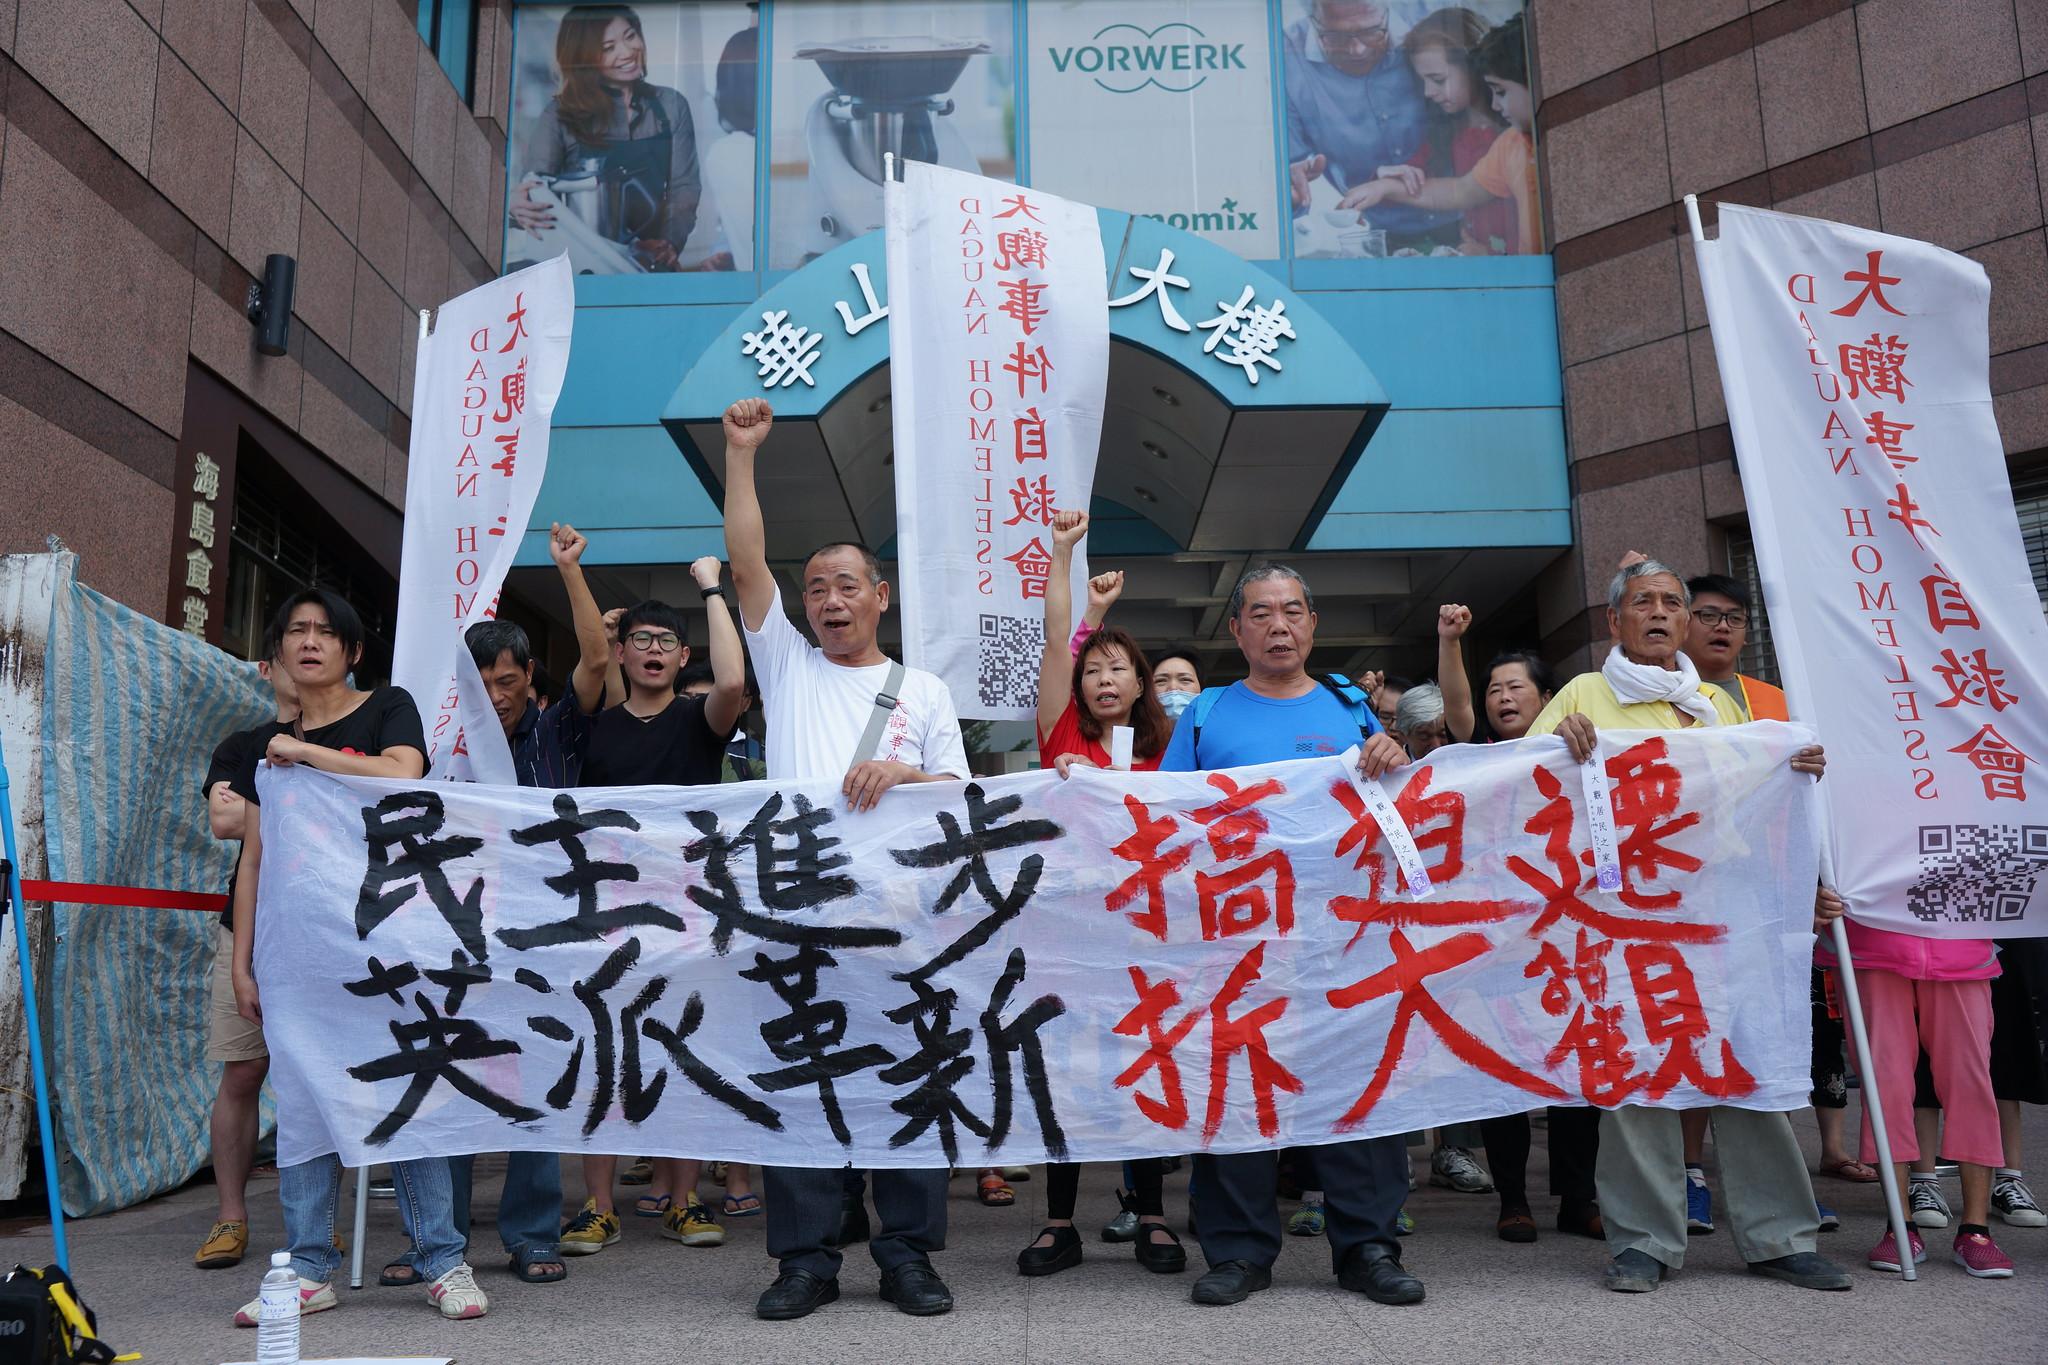 大觀社區自救會在民進黨中央黨部前抗議。(攝影:王顥中)